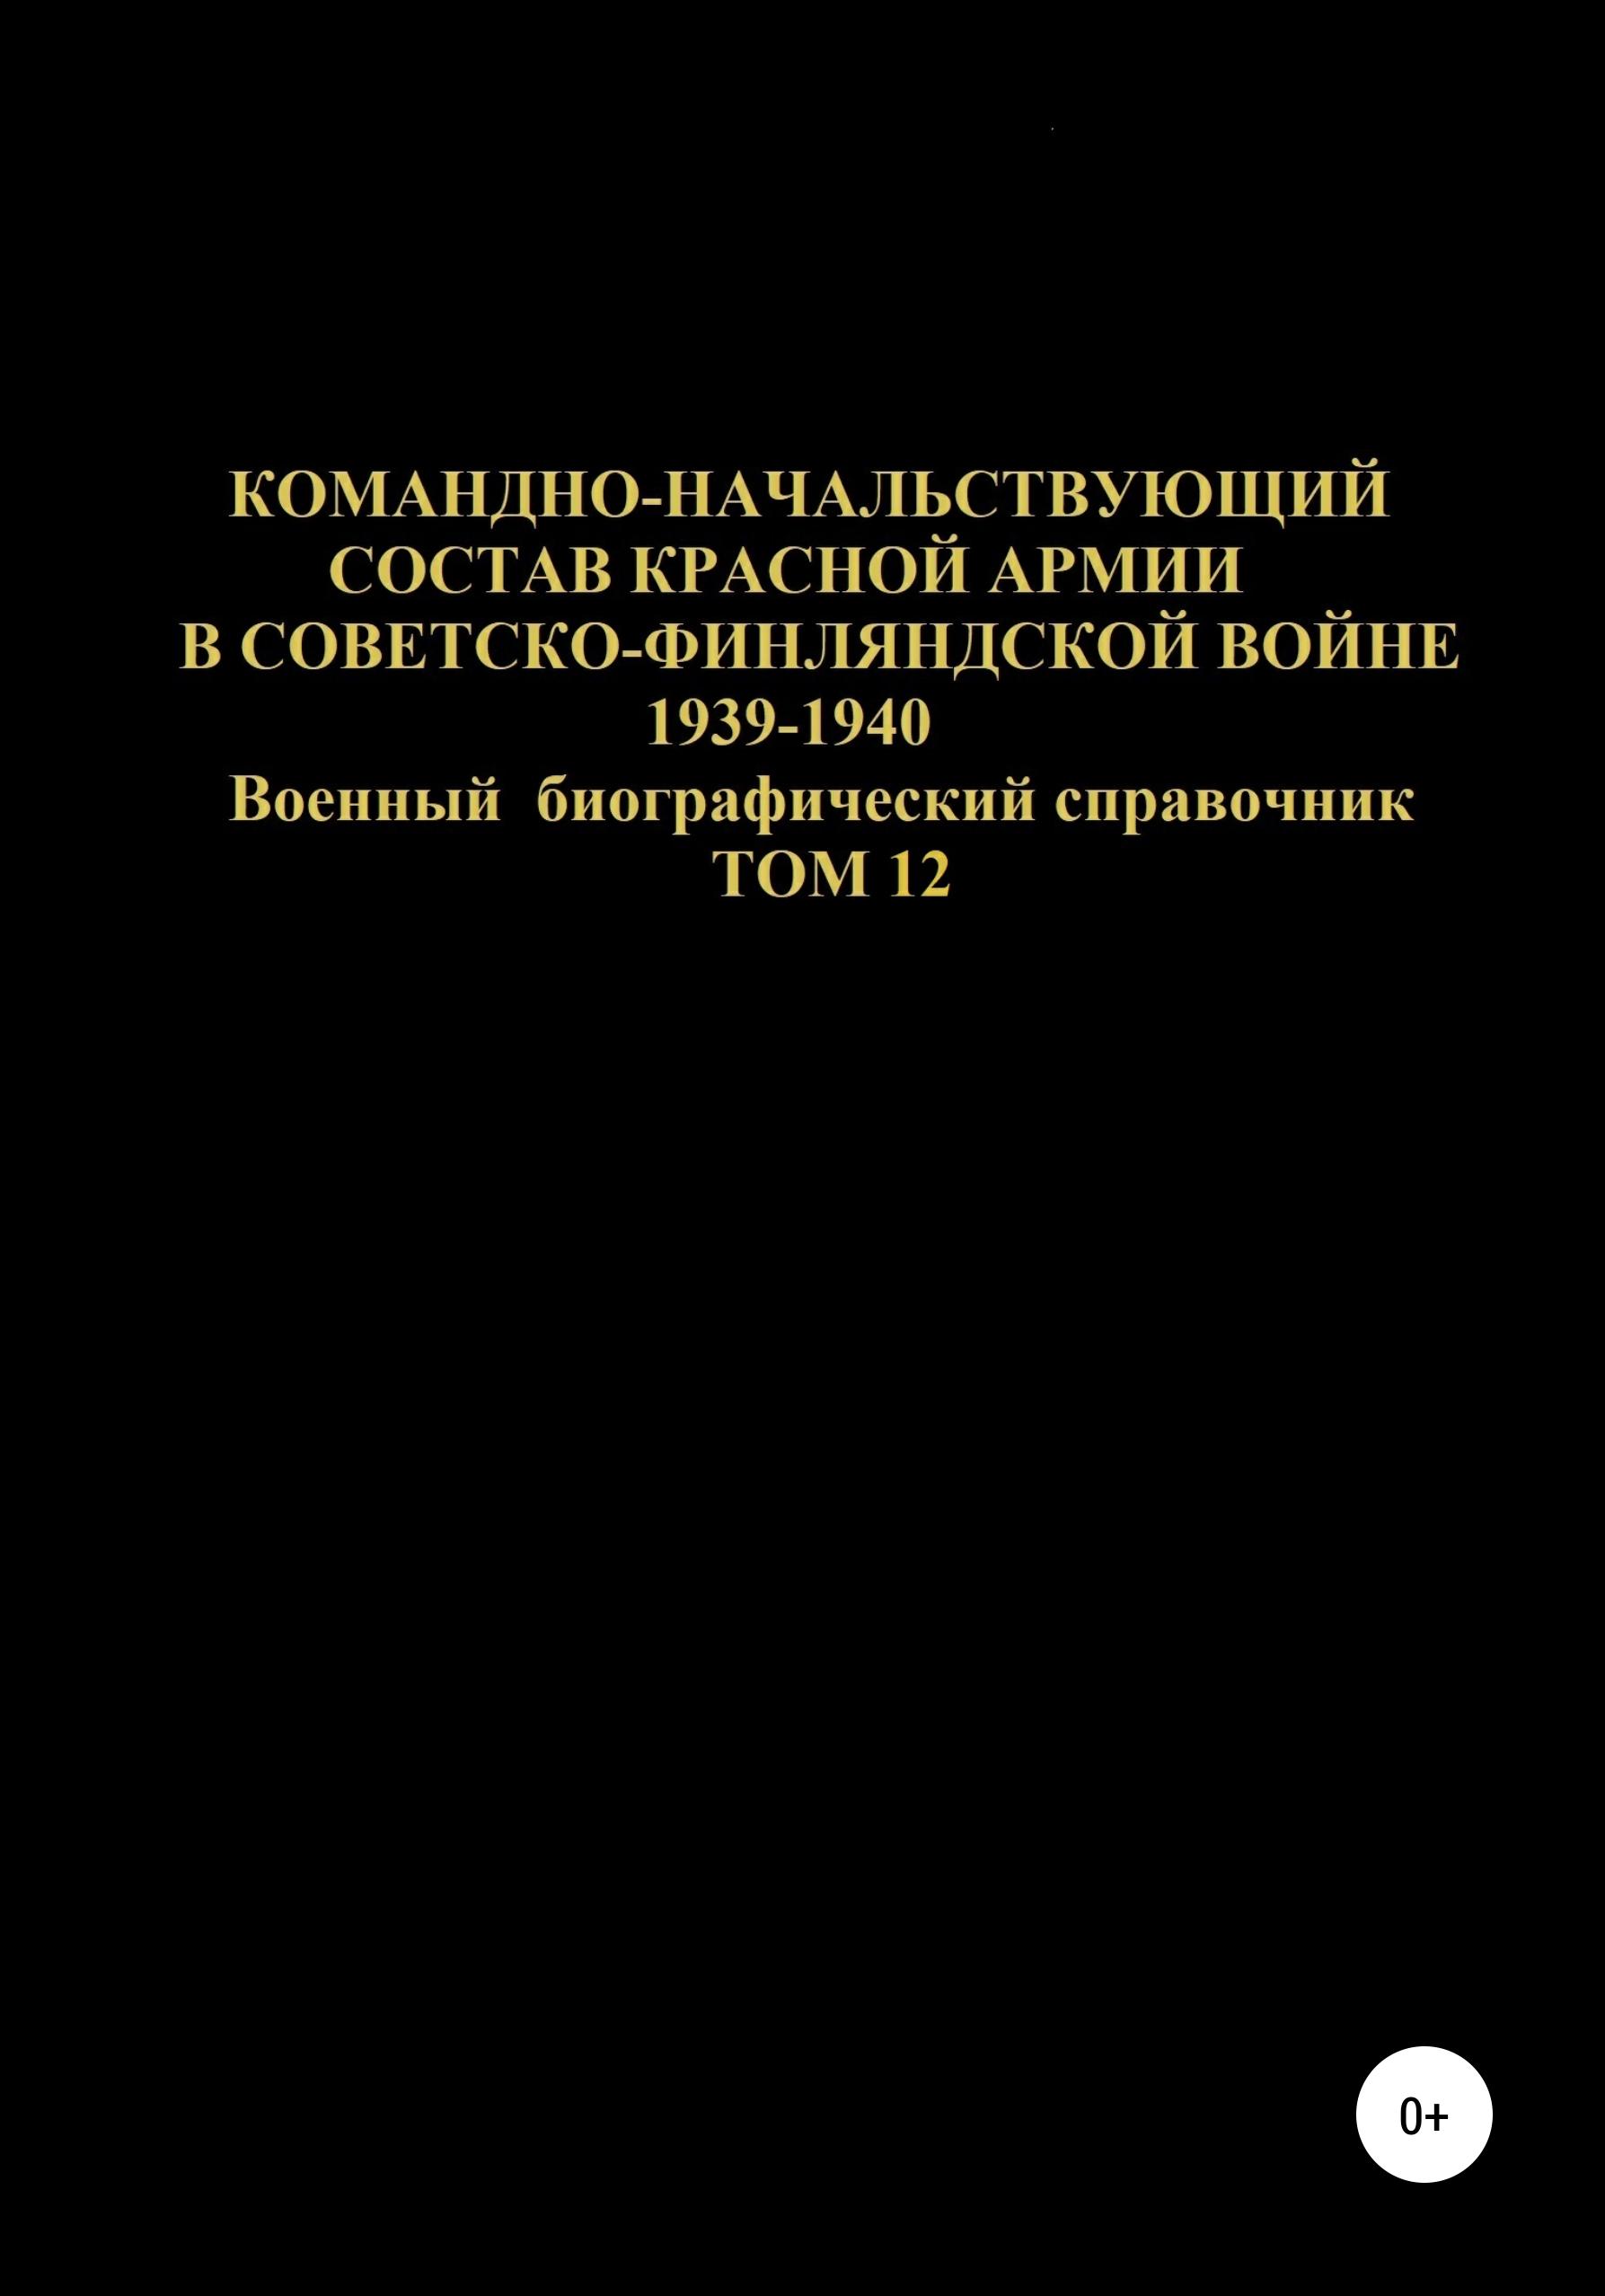 Купить книгу Командно-начальствующий состав Красной Армии в советско-финляндской войне 1939-1940 гг. Том 12, автора Дениса Юрьевича Соловьева